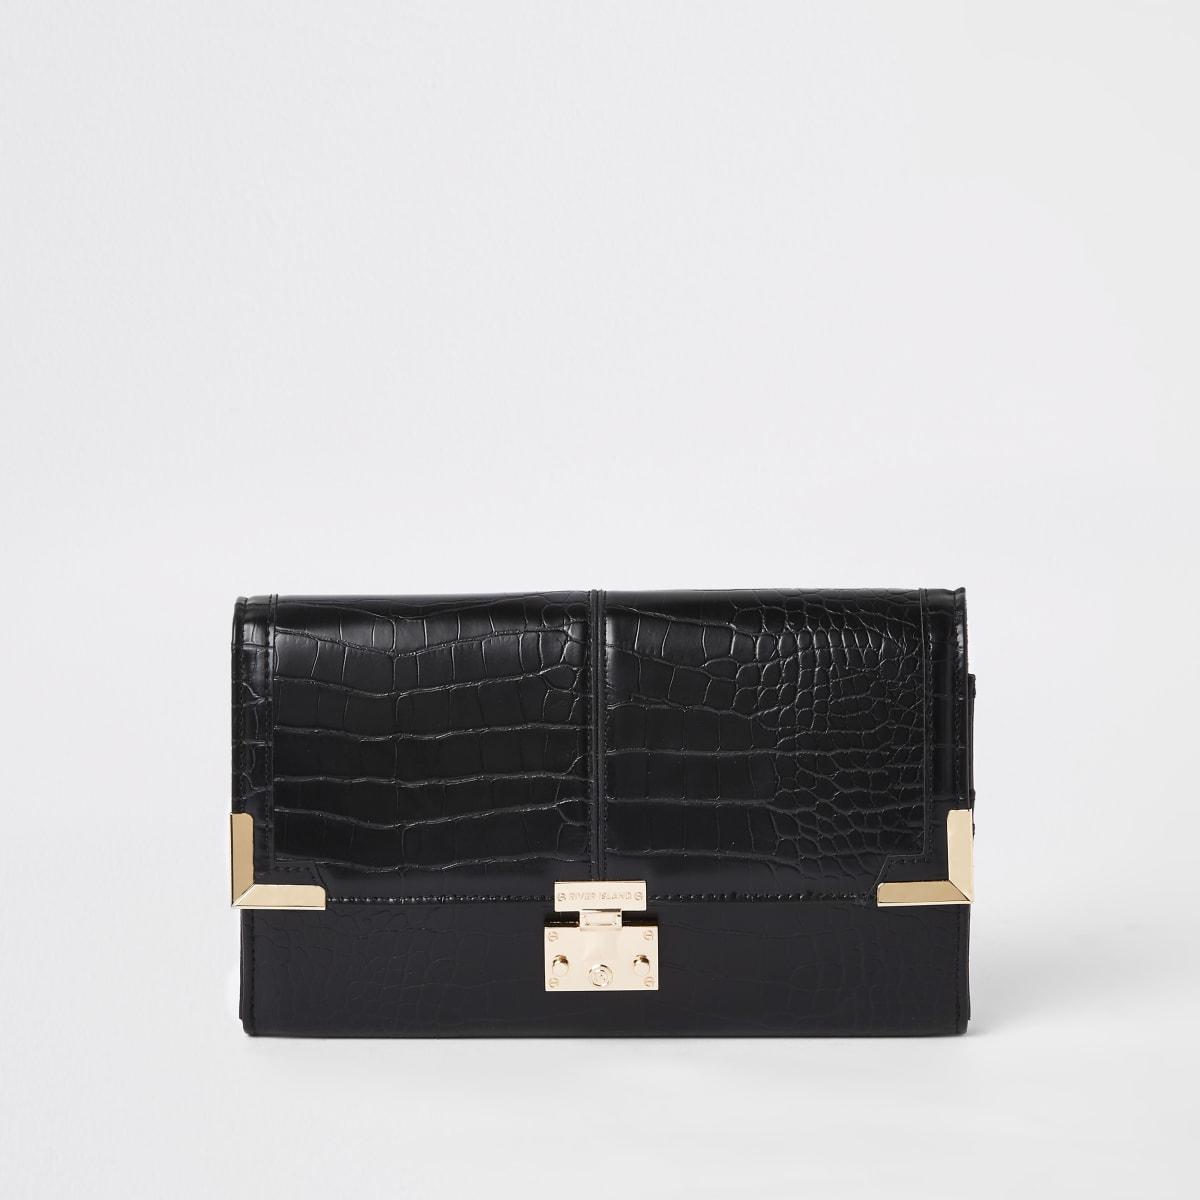 Zwarte reisportemonnee met krokodillenprint in reliëf